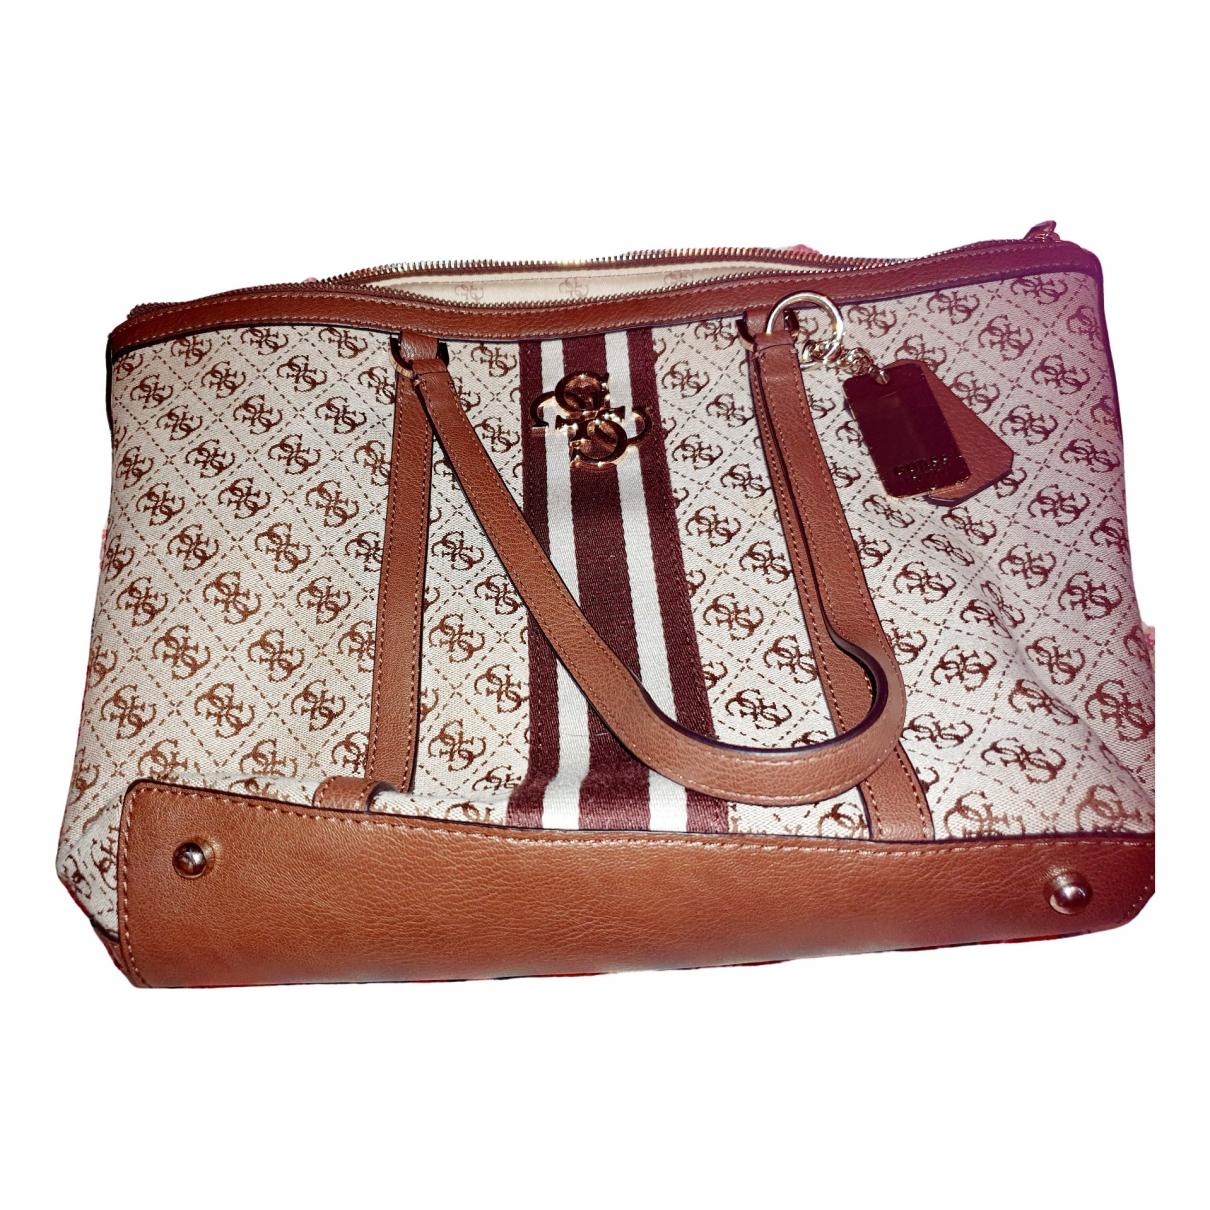 Guess \N Beige handbag for Women \N